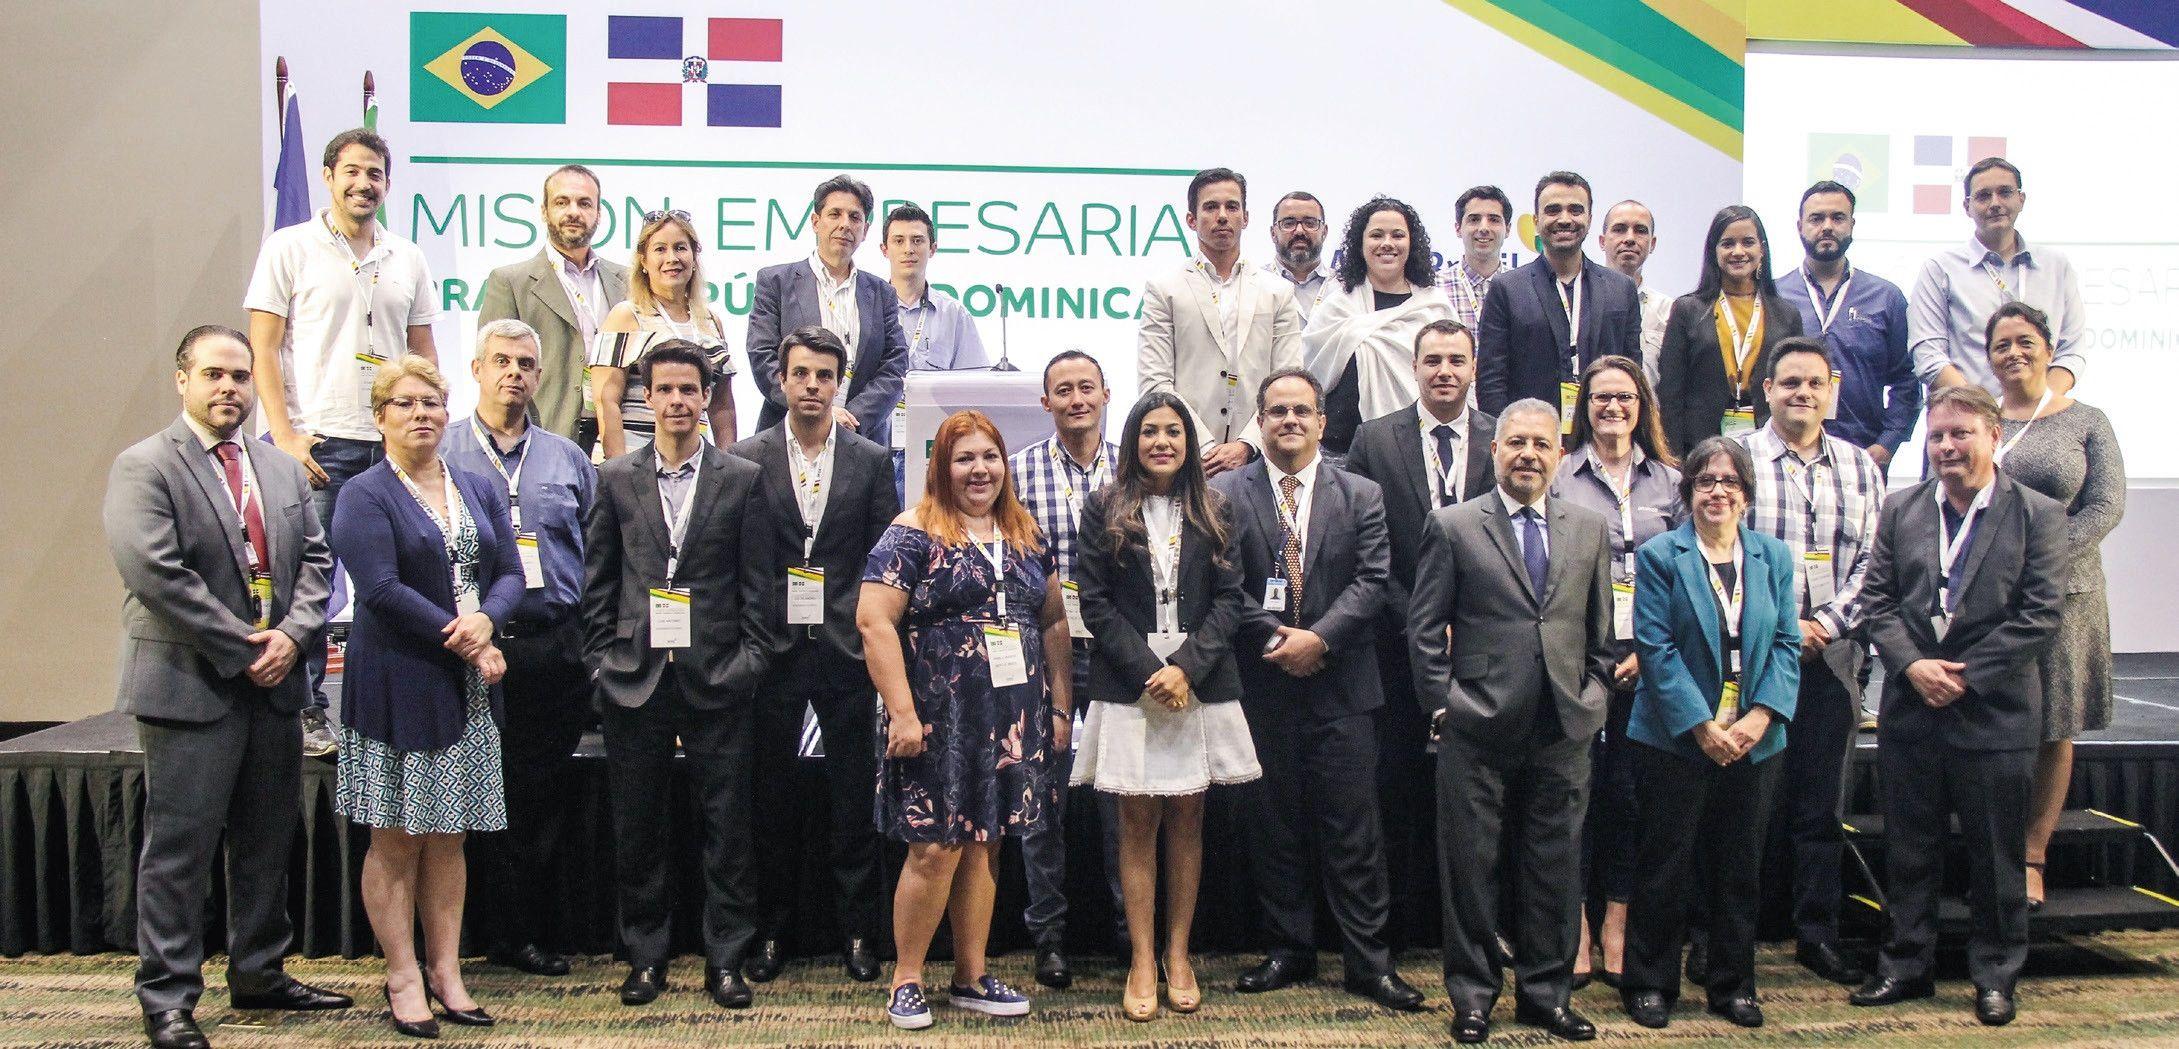 V.I.P. Empresariales:Misión Empresarial Brasil-República Dominicana